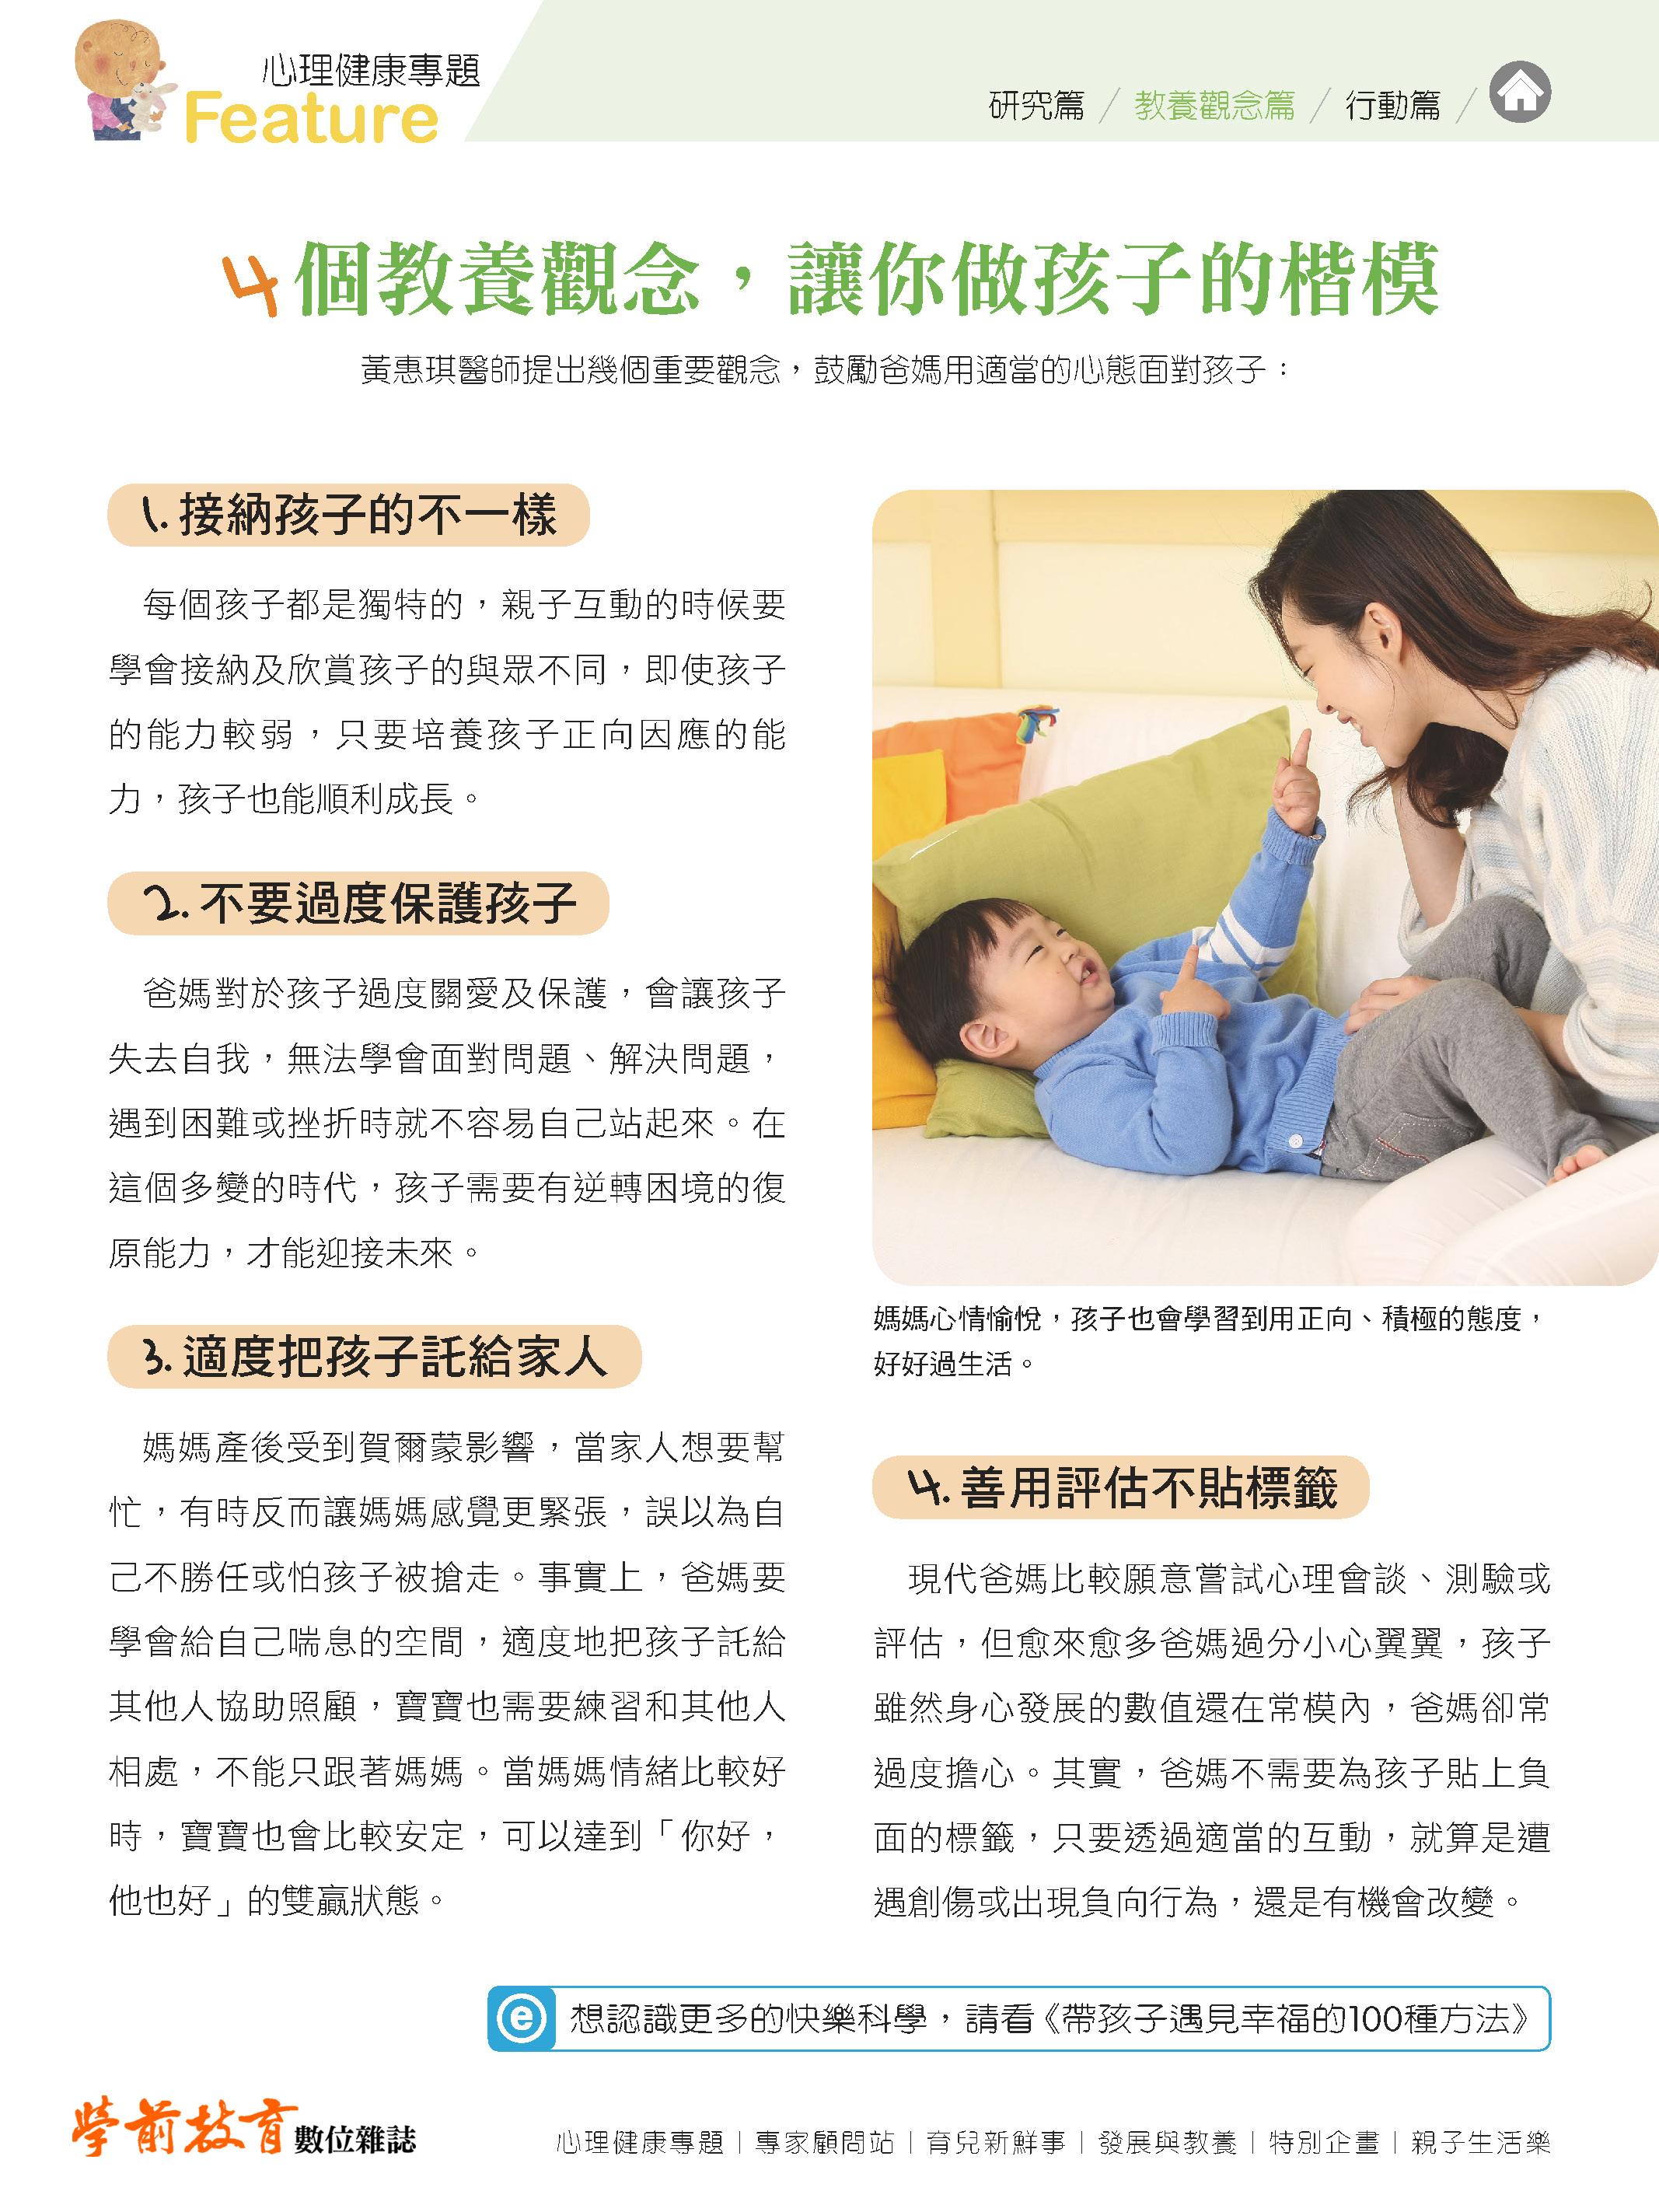 信誼 學前教育數位雜誌採訪:孩子的心理健康因素2016.01 | 黃惠琪醫師的隨想